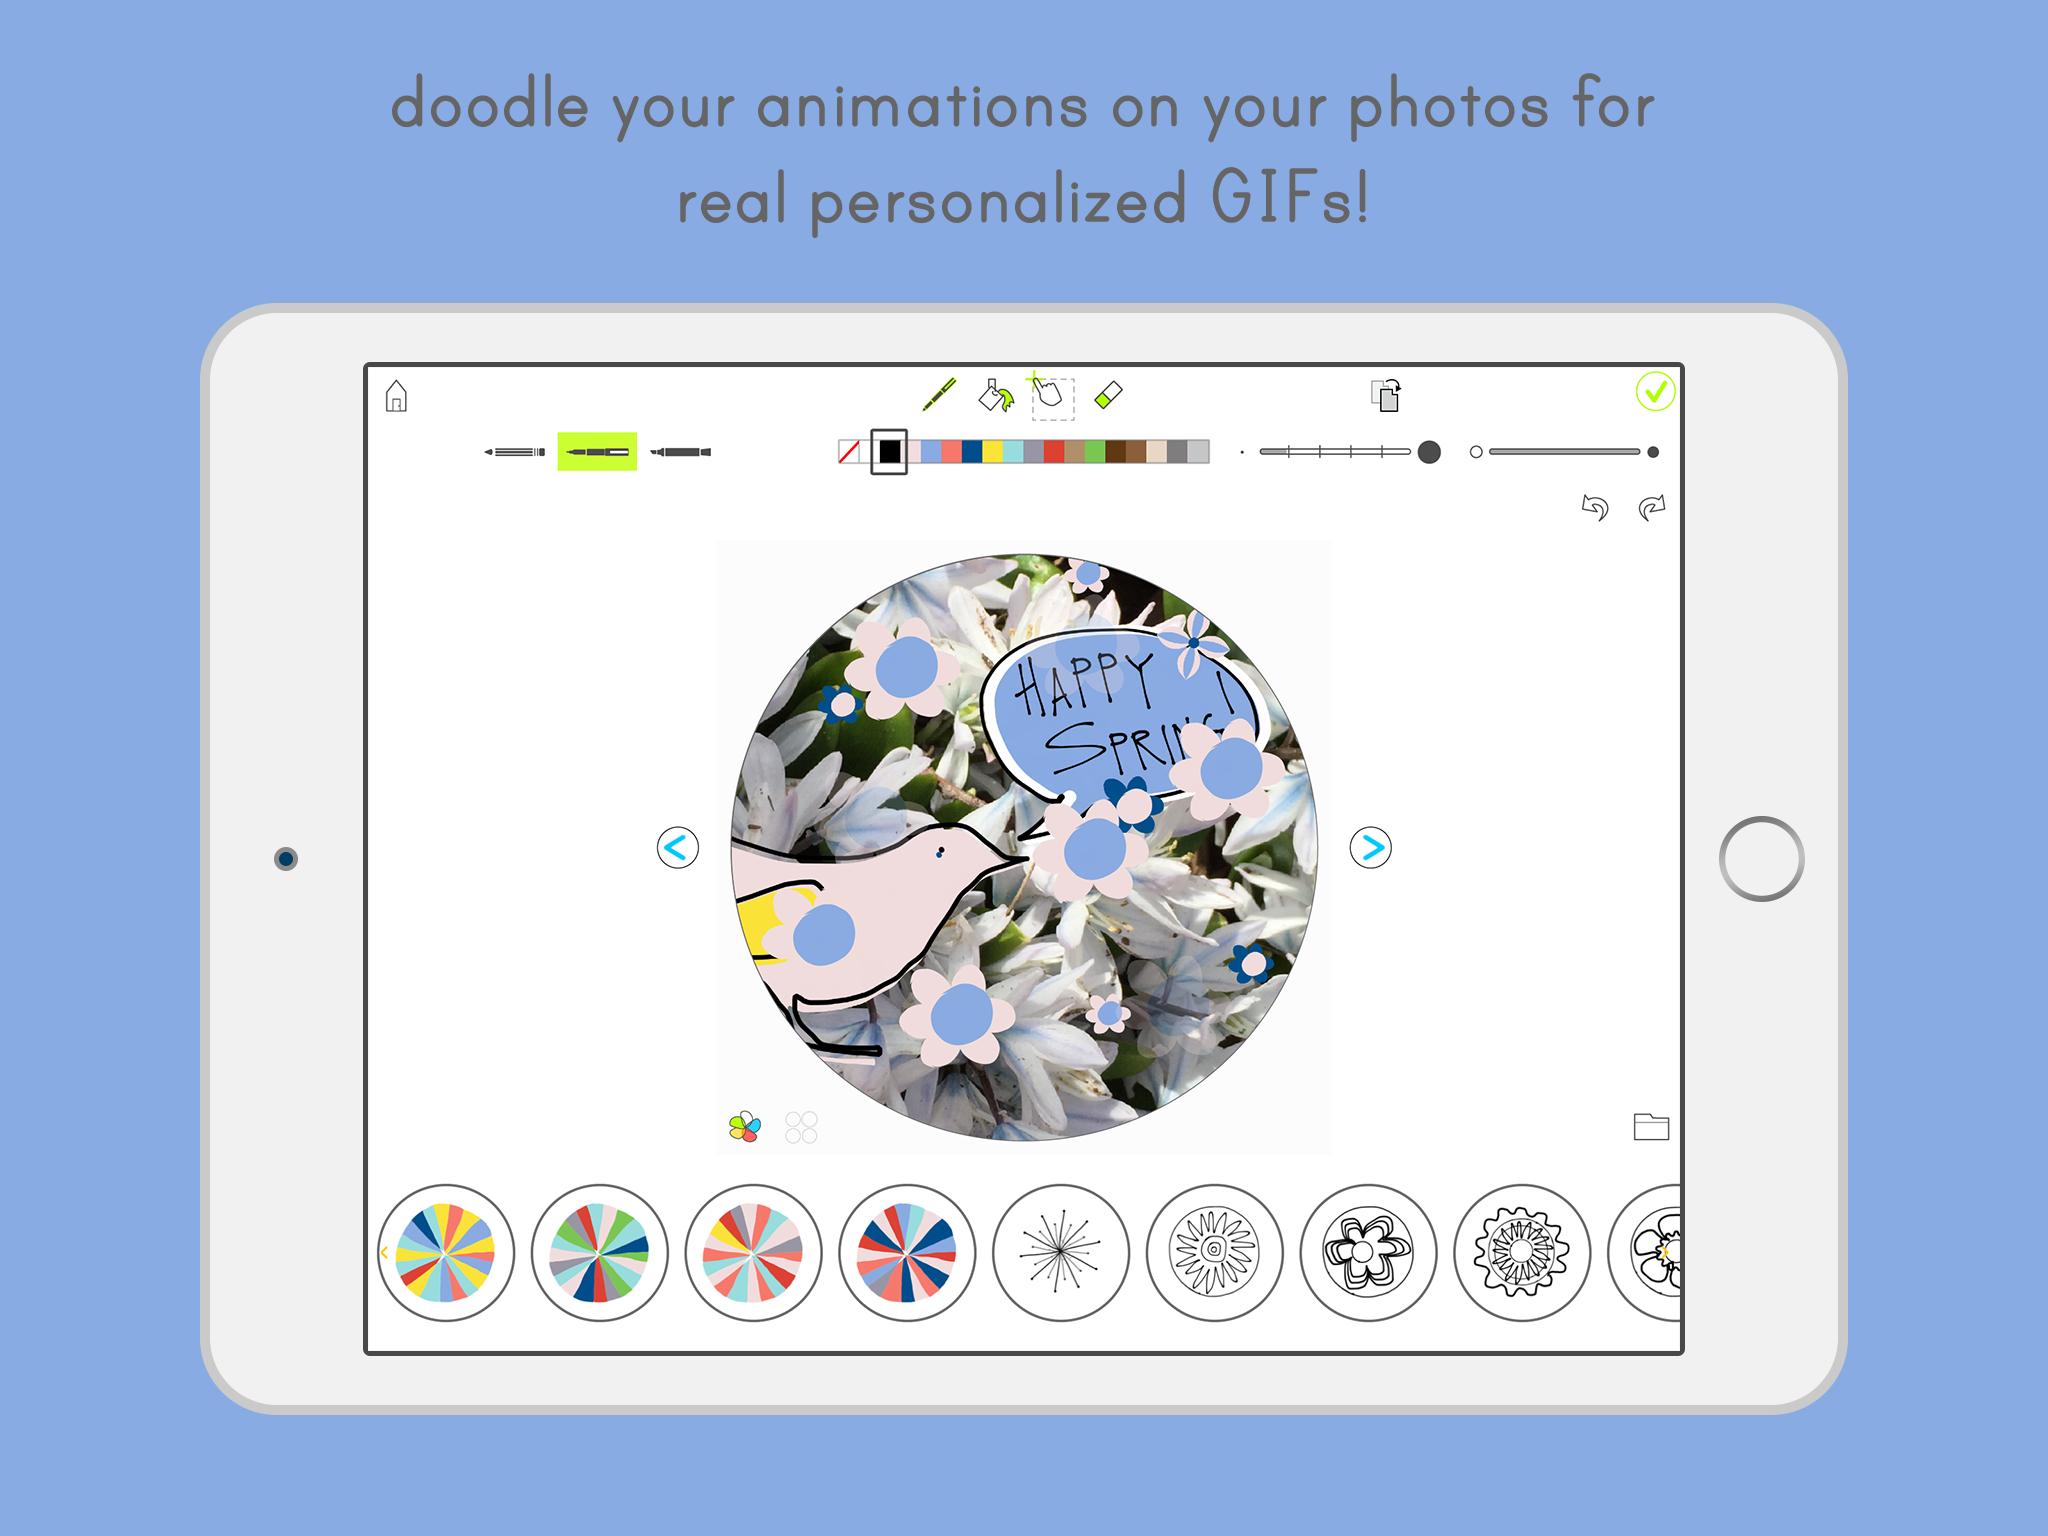 4ipadScreenshot-2048x1536.png